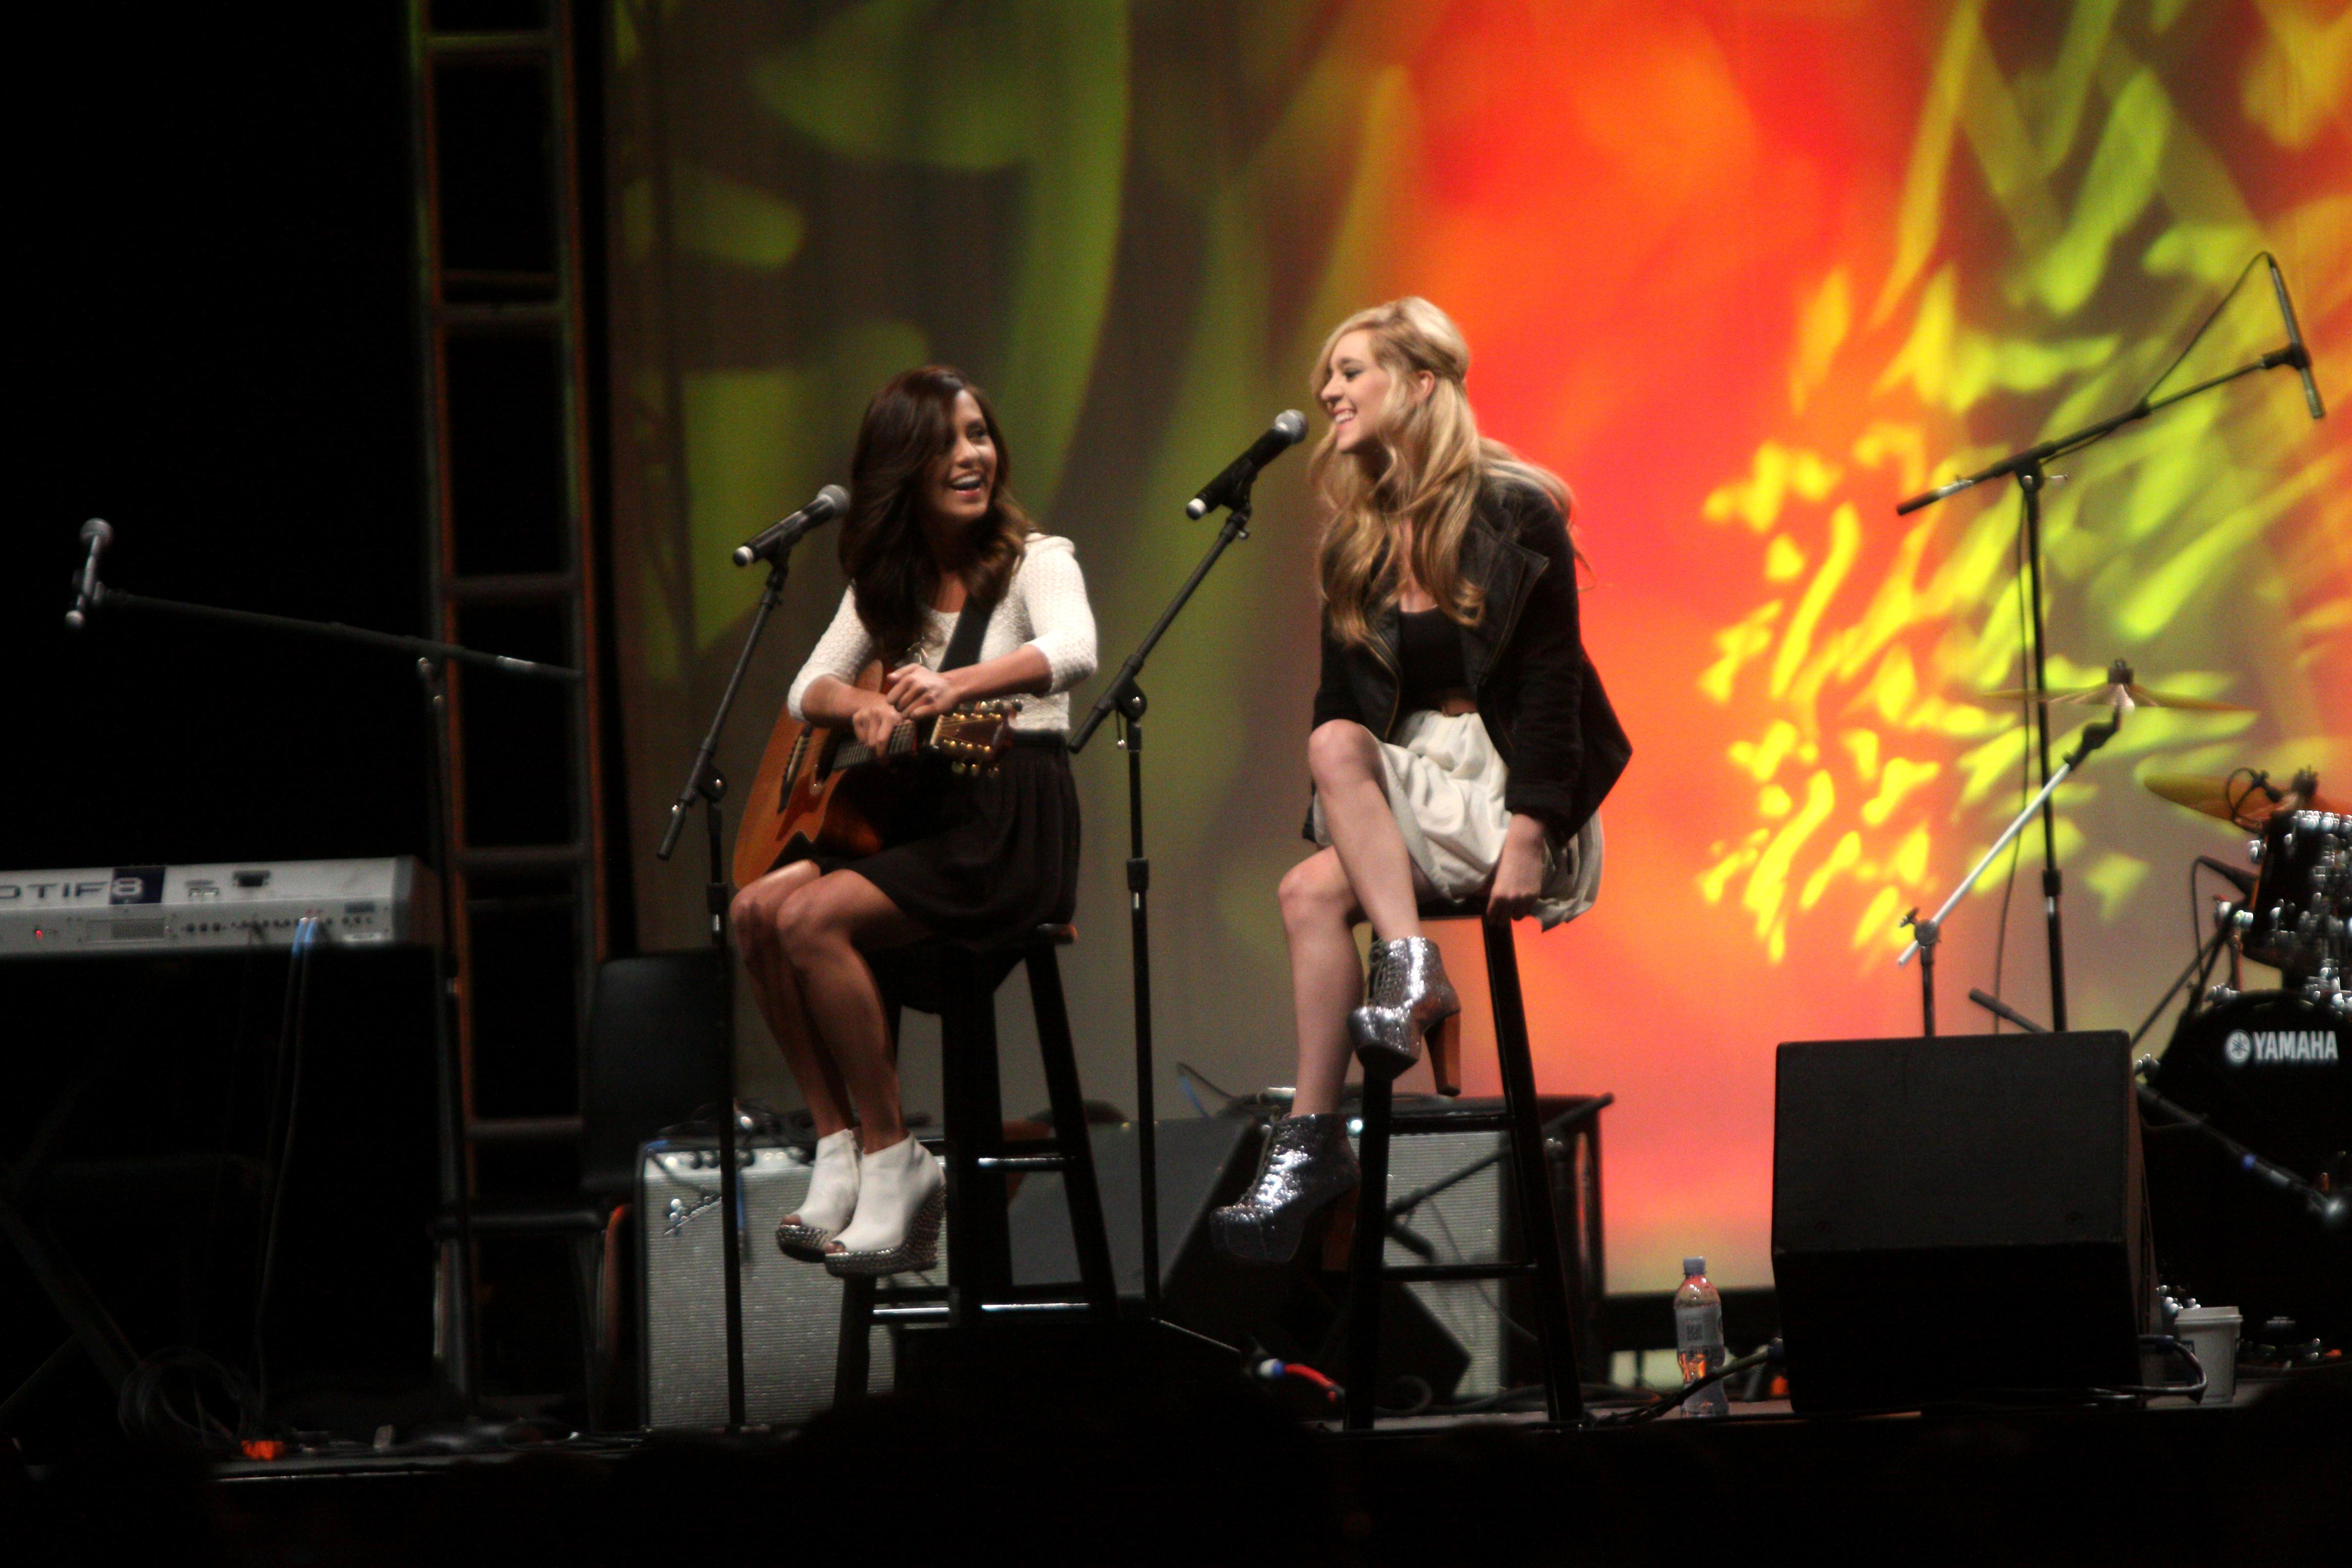 Megan and Liz - Wikipedia